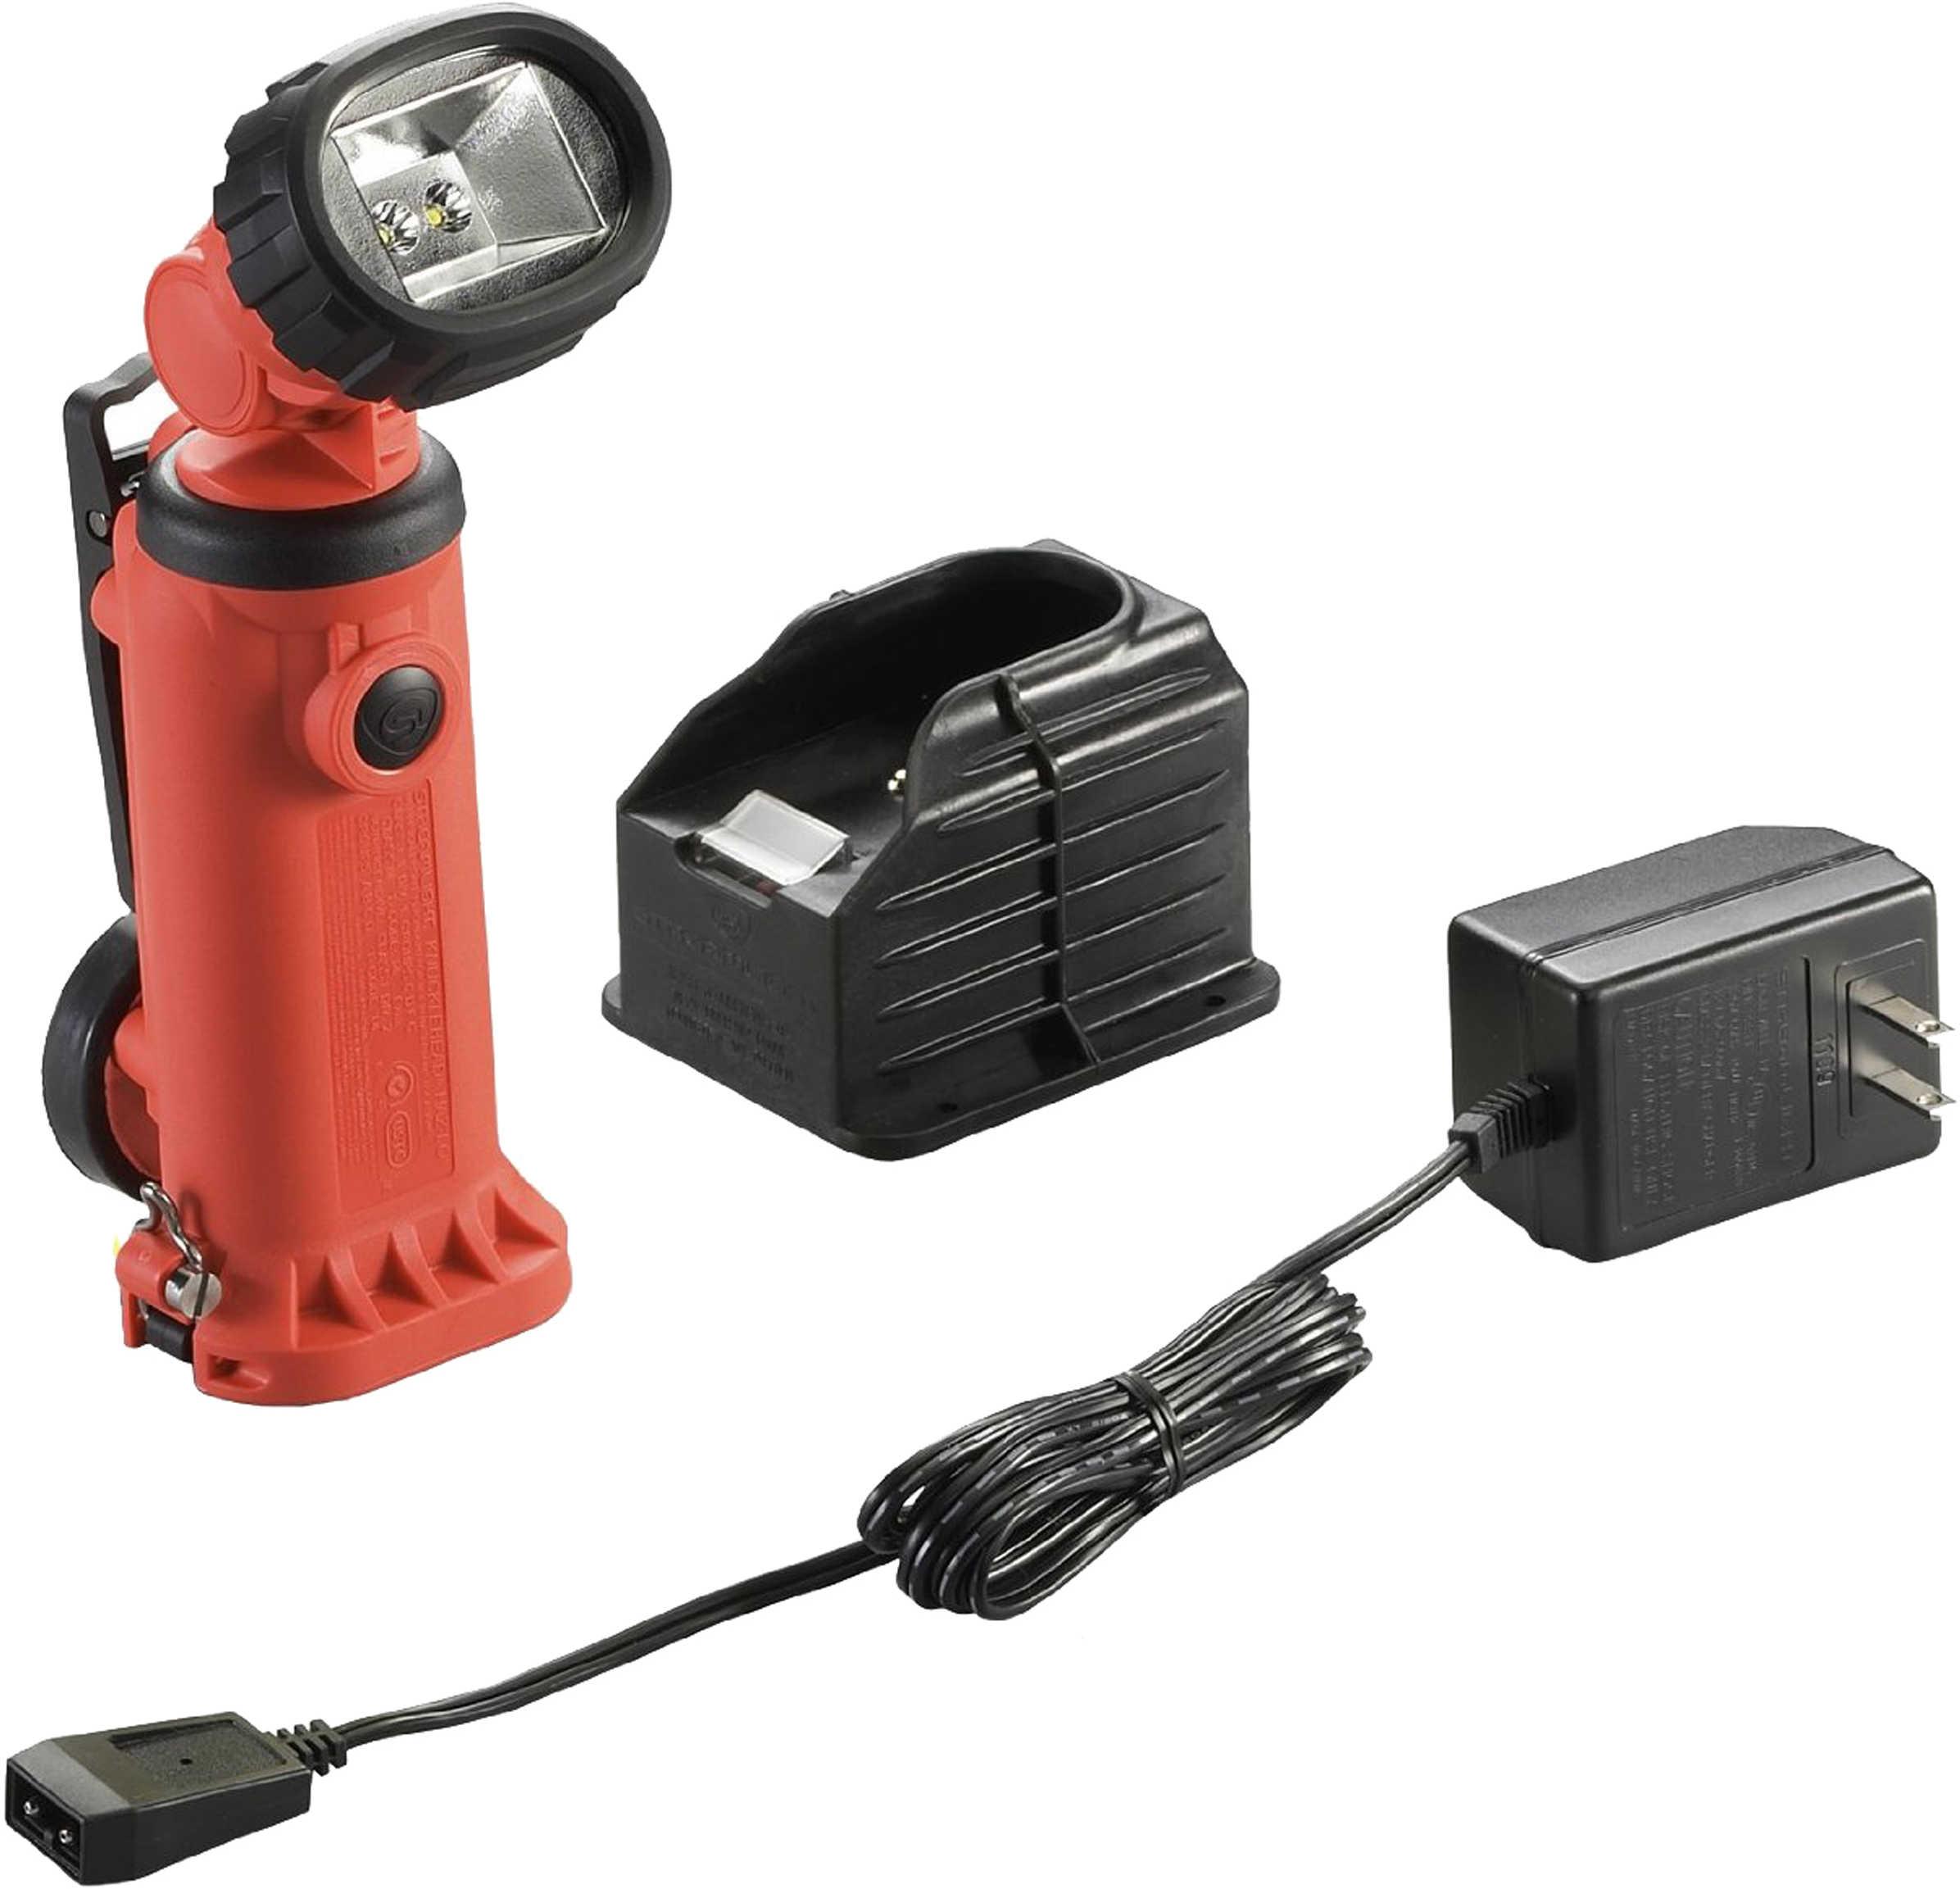 Streamlight Knucklehead HAZ-LO Light Flood 120V AC, Orange 91652